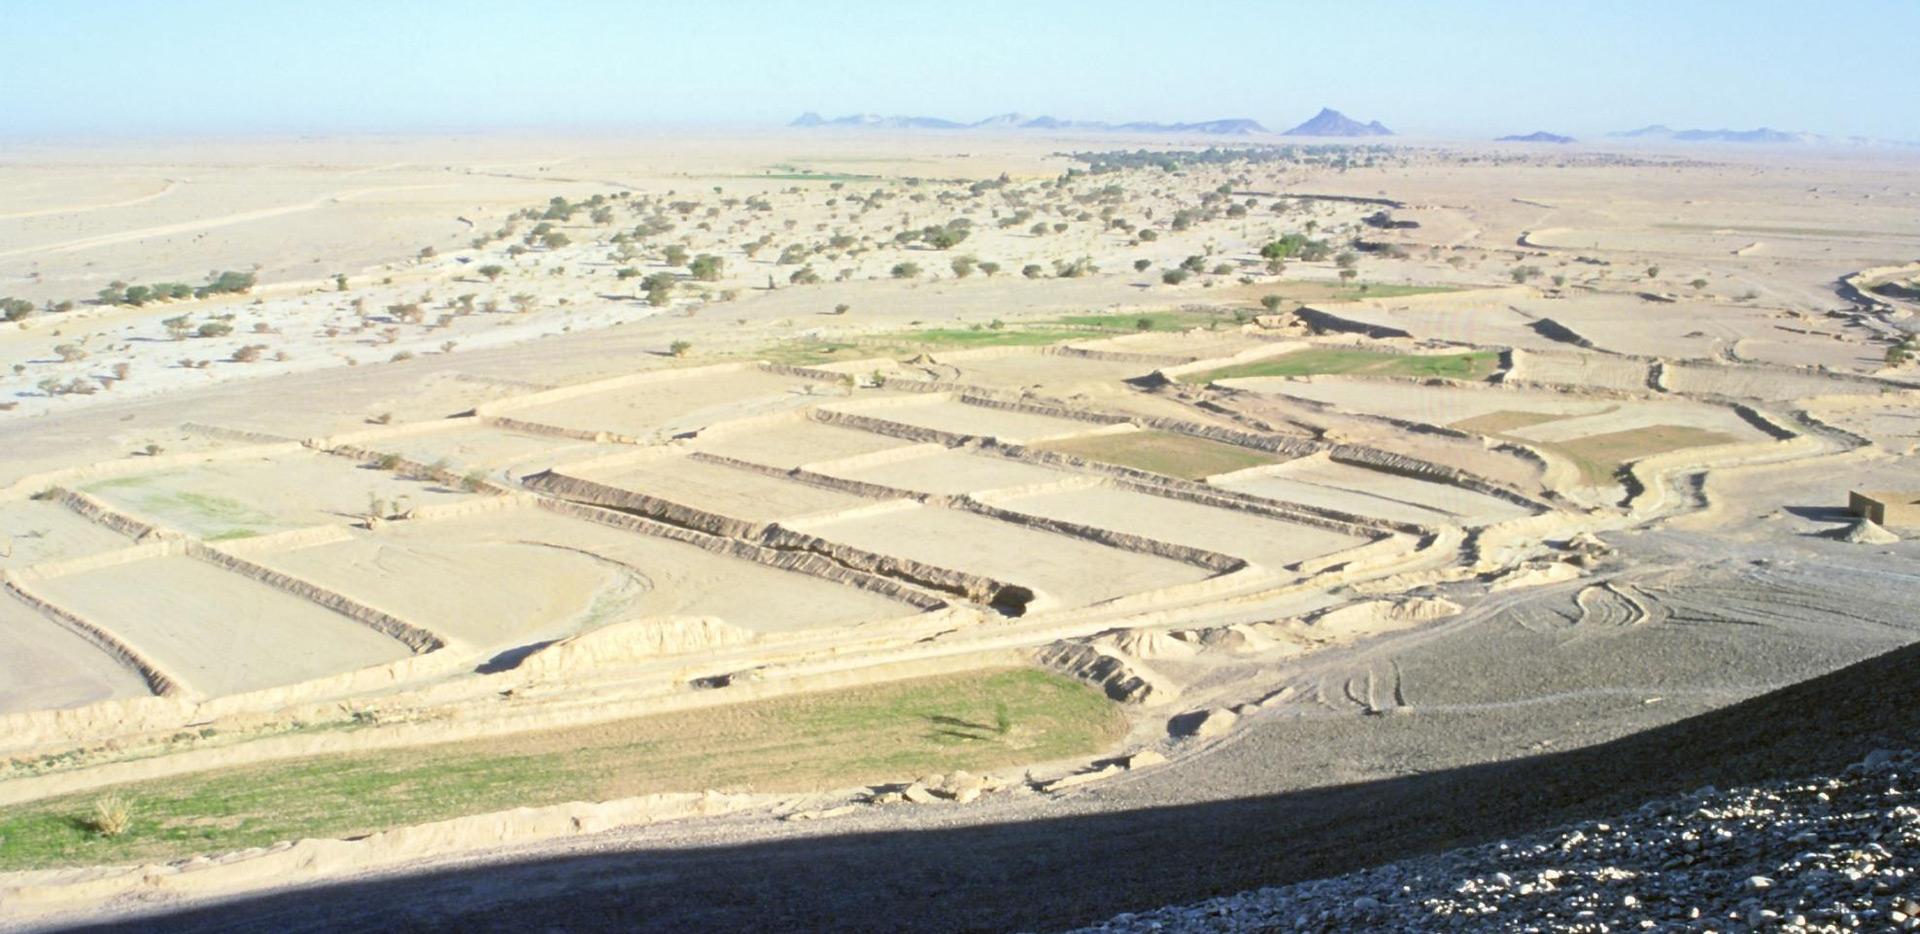 La transformation du paysage dans l'Antiquité de l'Arabie du sud